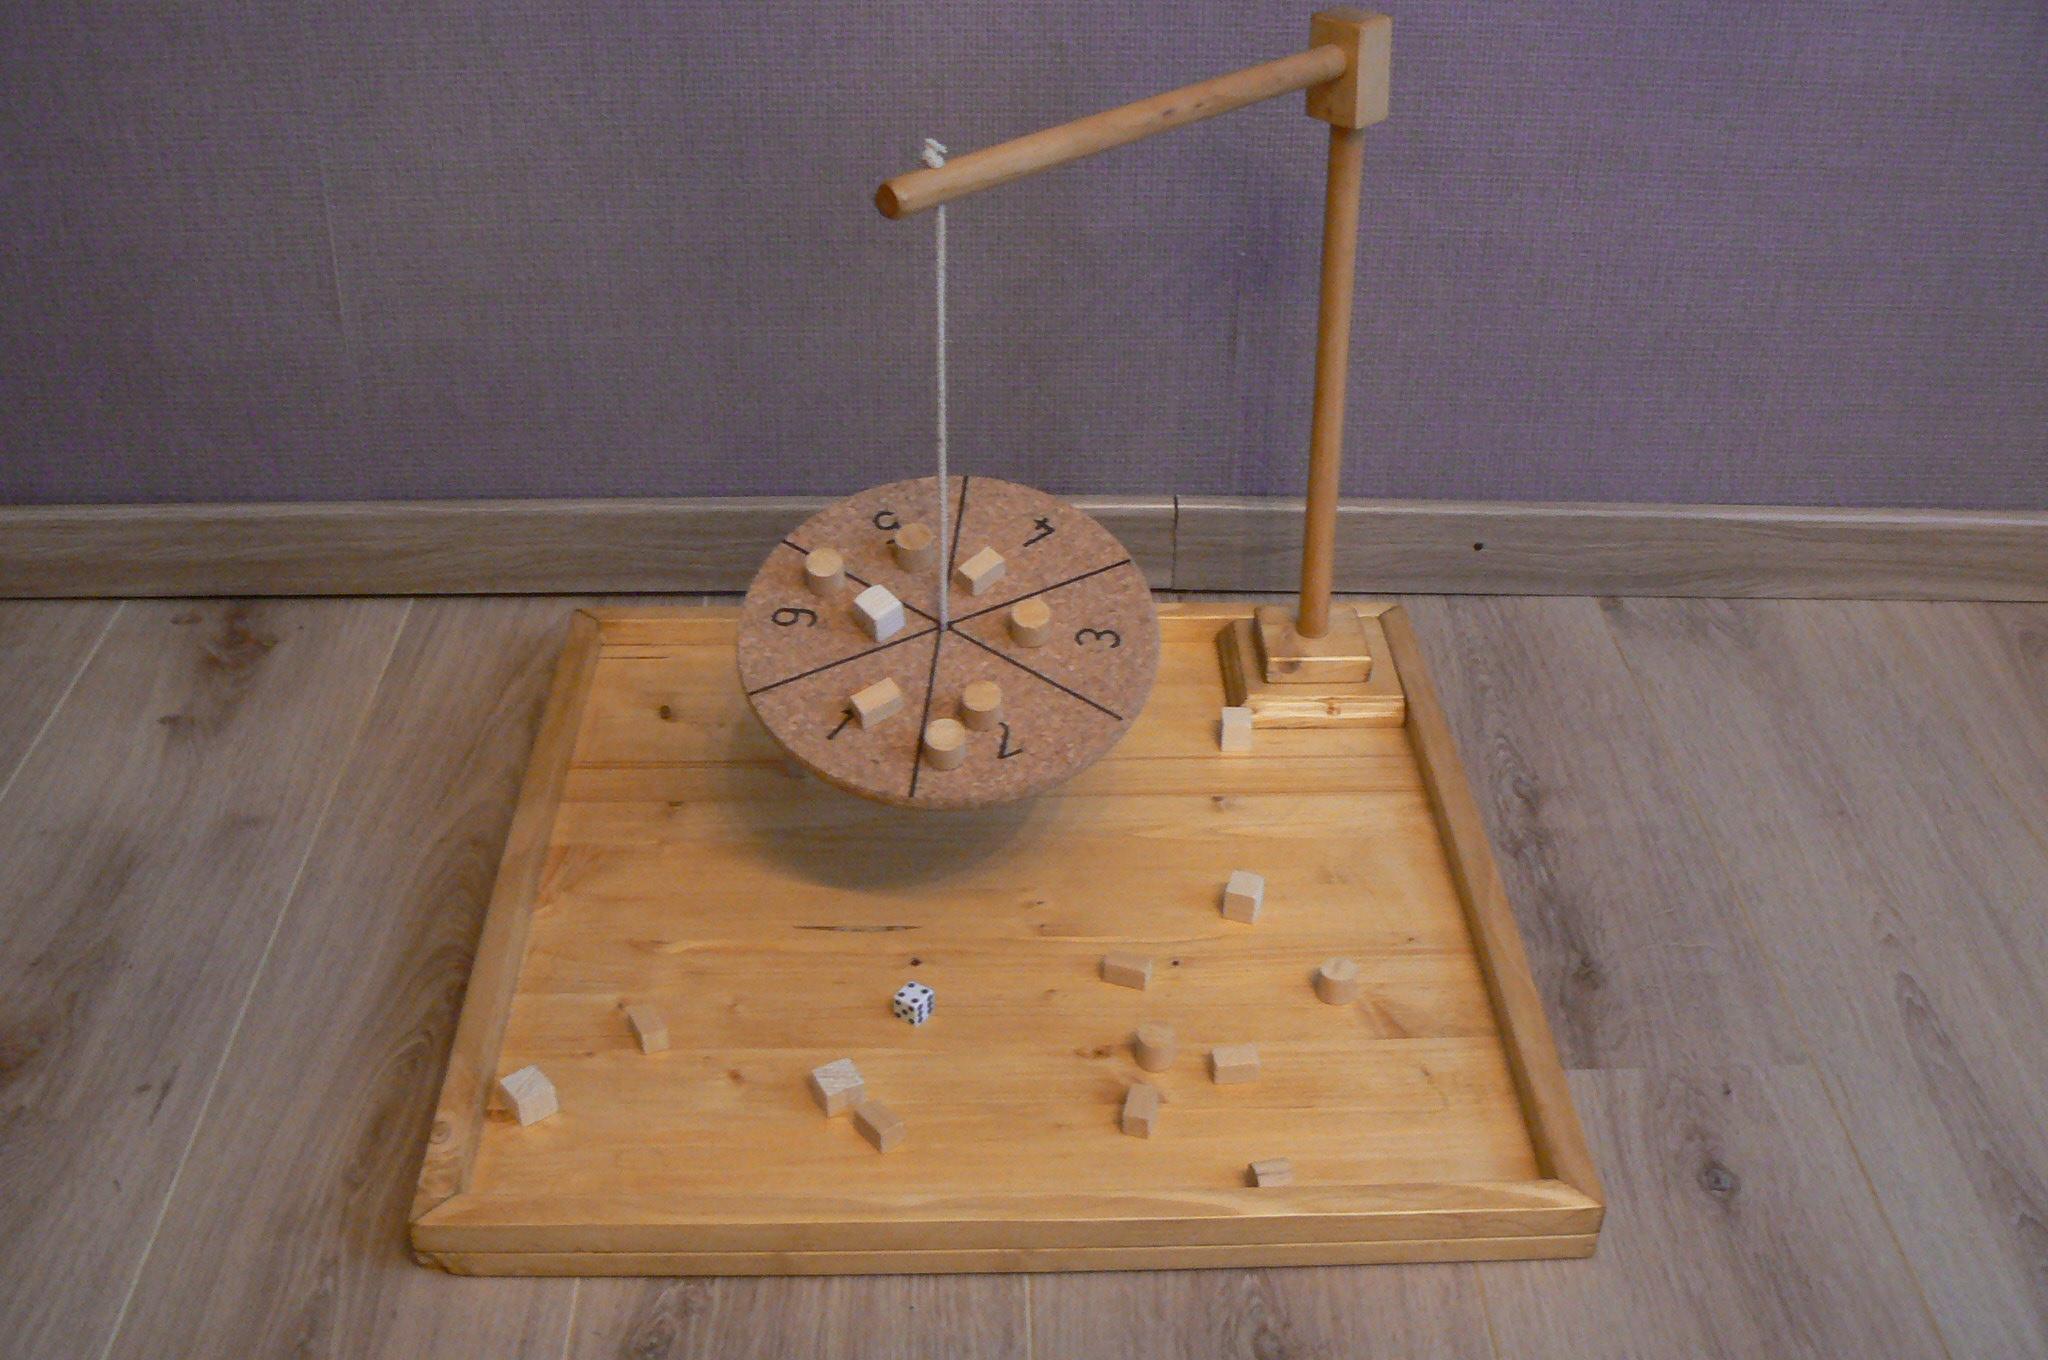 location jeux artisanaux en bois plateau quilibre b tonnets. Black Bedroom Furniture Sets. Home Design Ideas